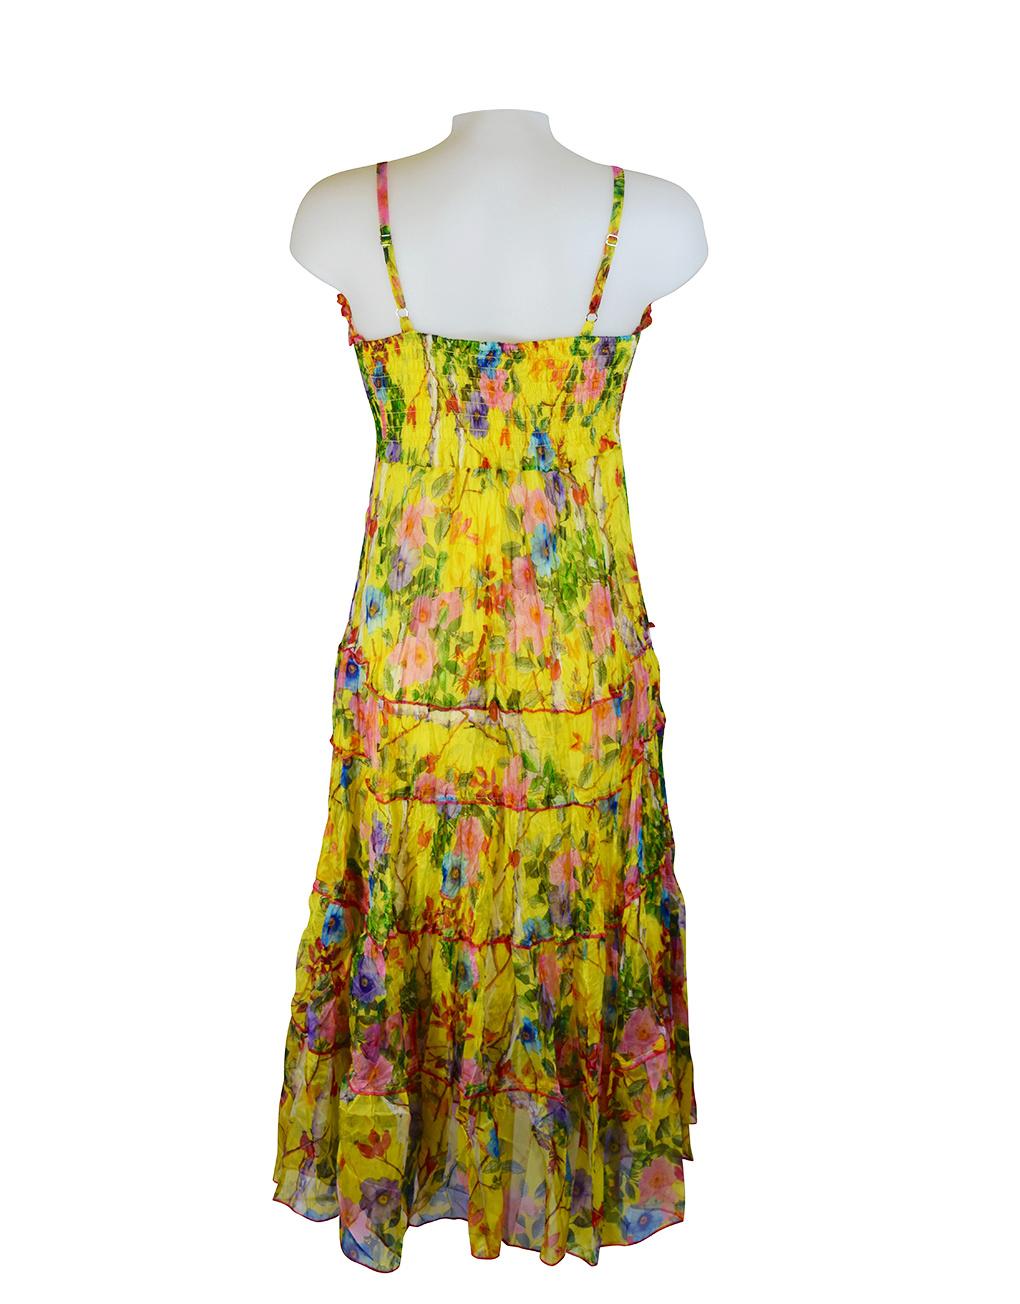 Sensations Pour Elle Yellow Floral Maxi Dress One Size Reverse